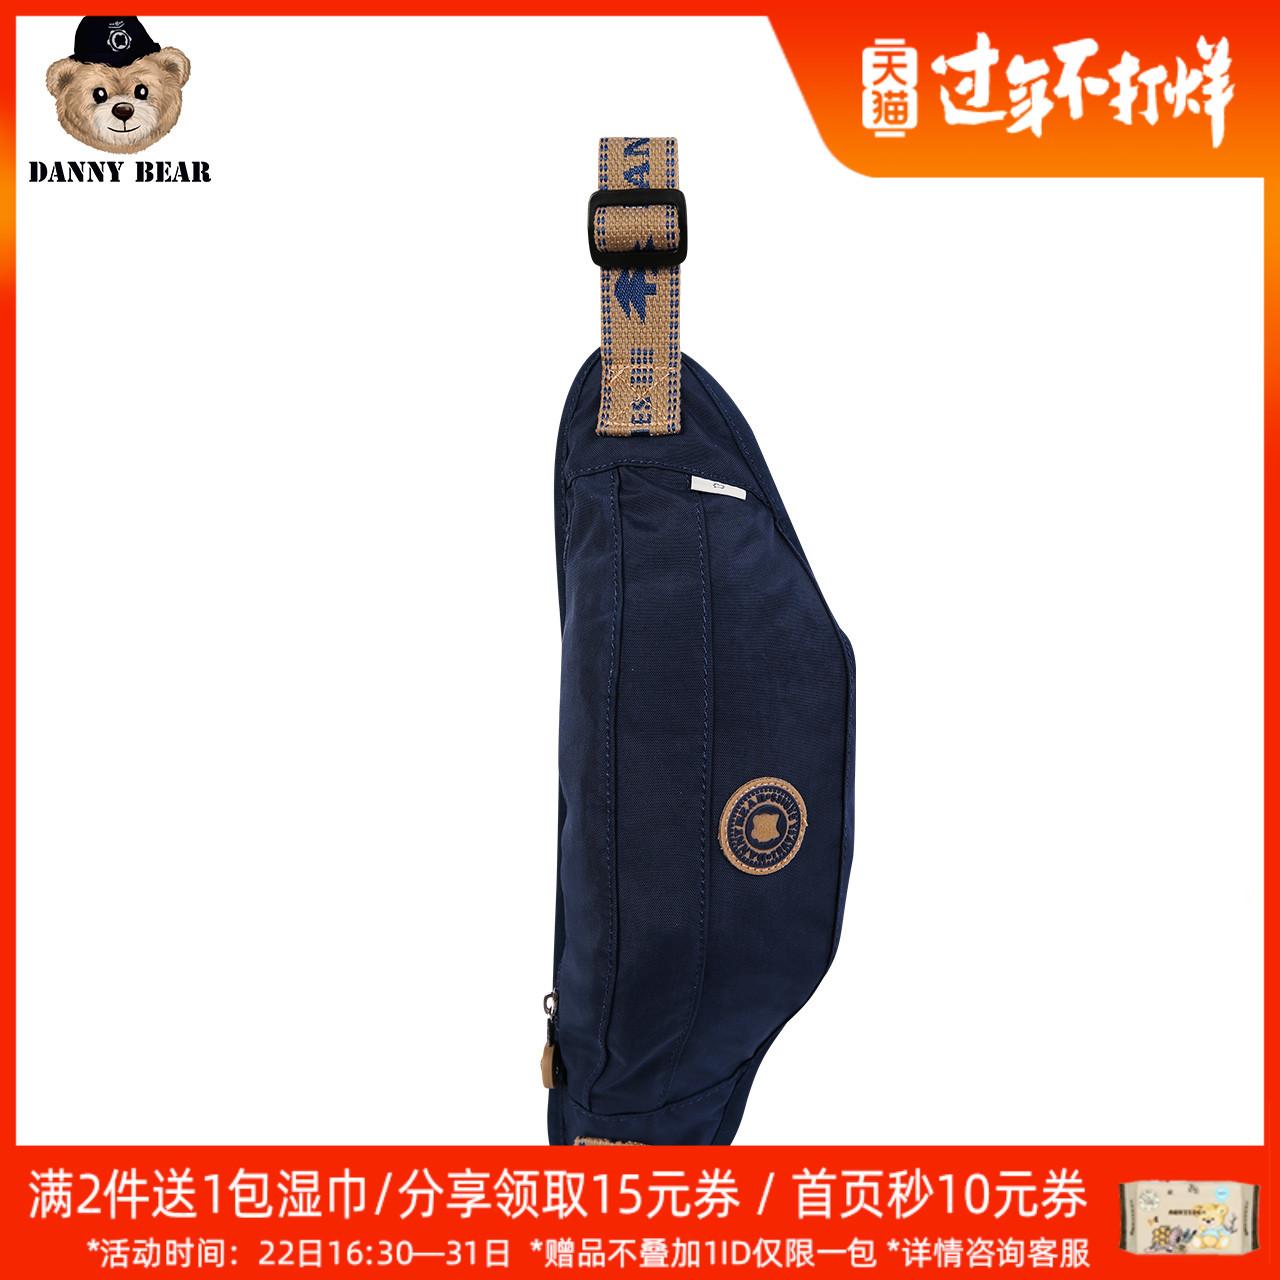 丹尼熊新品腰包多功能斜挎包男女 户外休闲运动风DMDB9118003